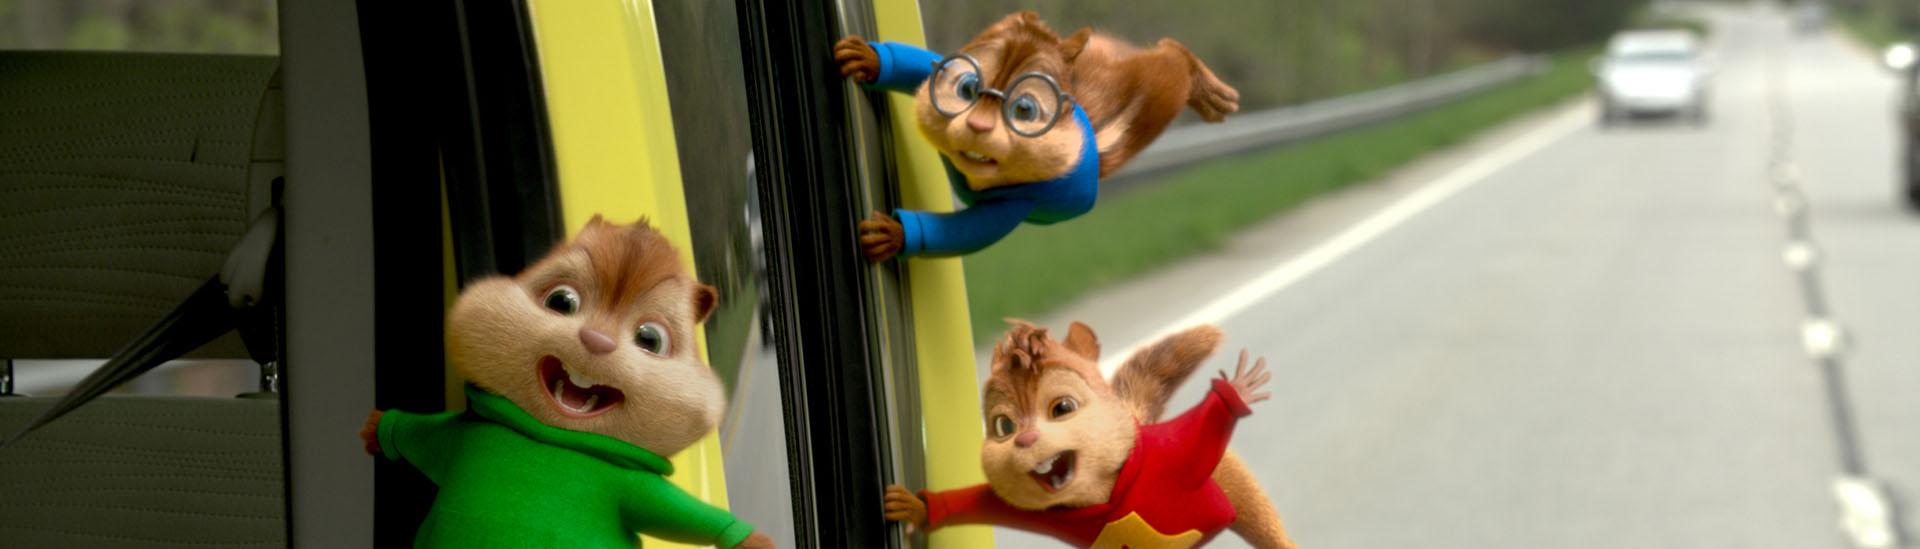 Baner filmu 'Alvin i Wiewiórki: Wielka Wyprawa'